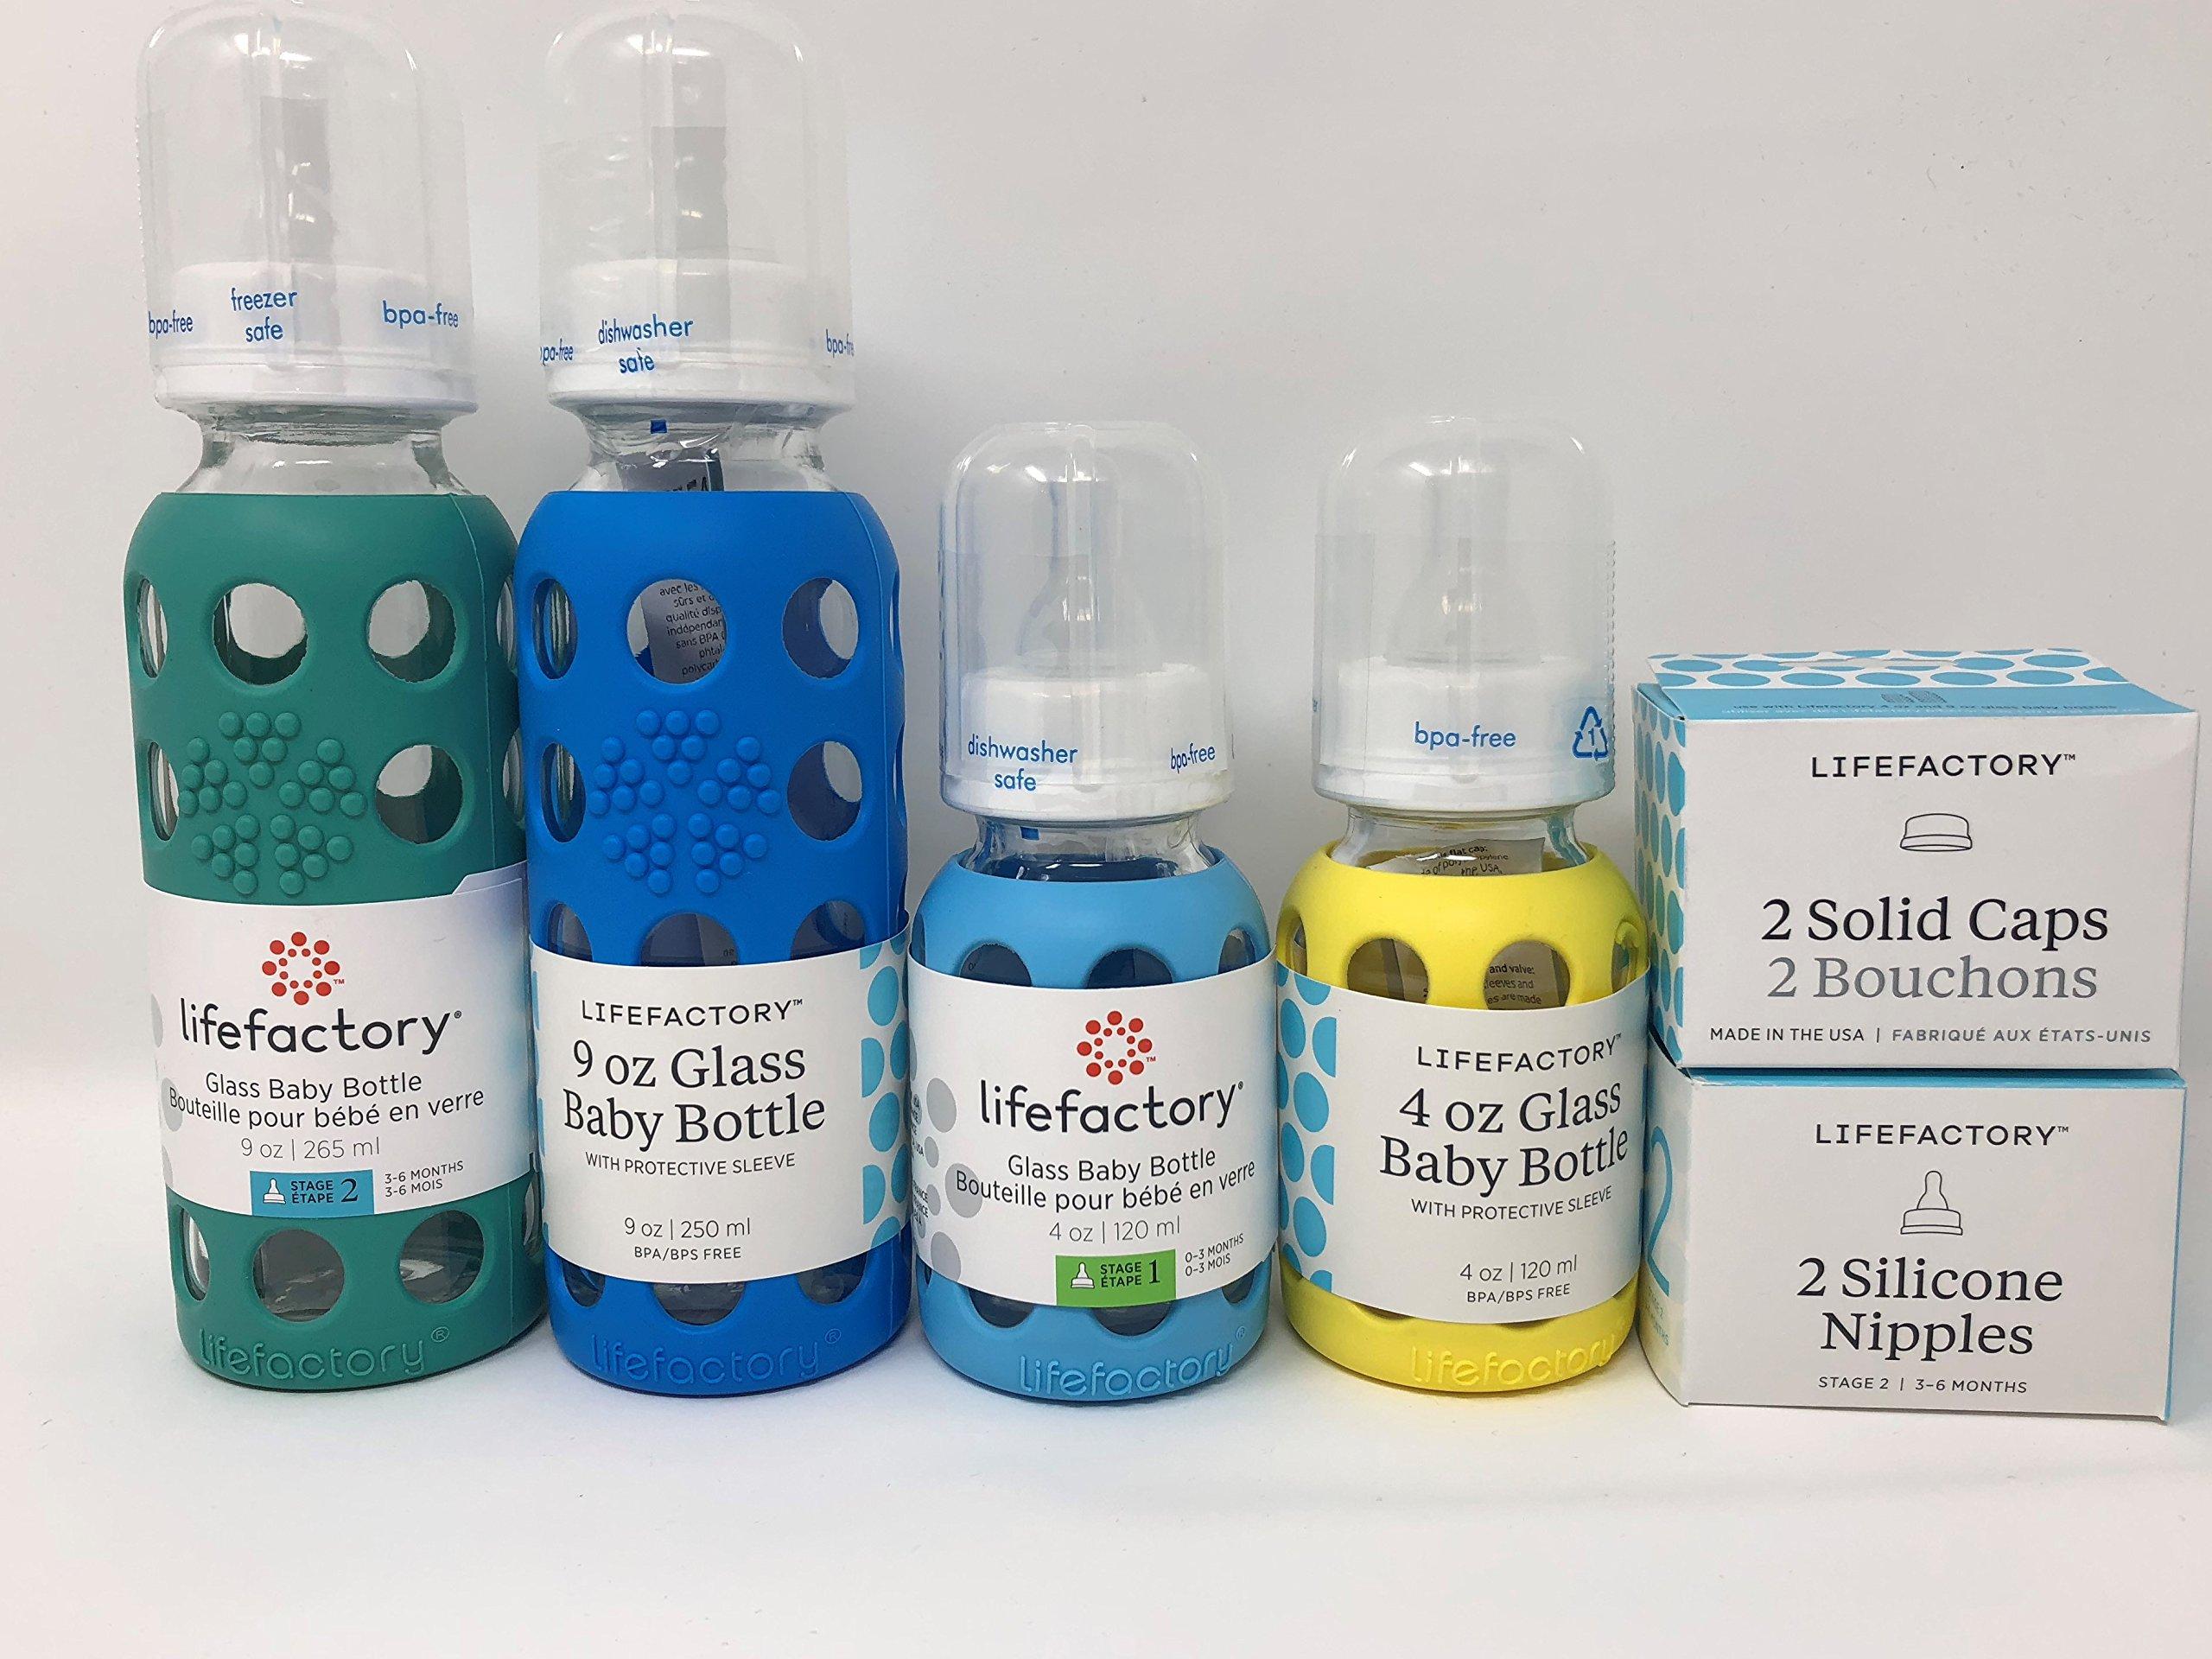 Lifefactory Glass Baby Bottles 4 Pack Starter Kit (9 oz. & 4 oz. - Boys)